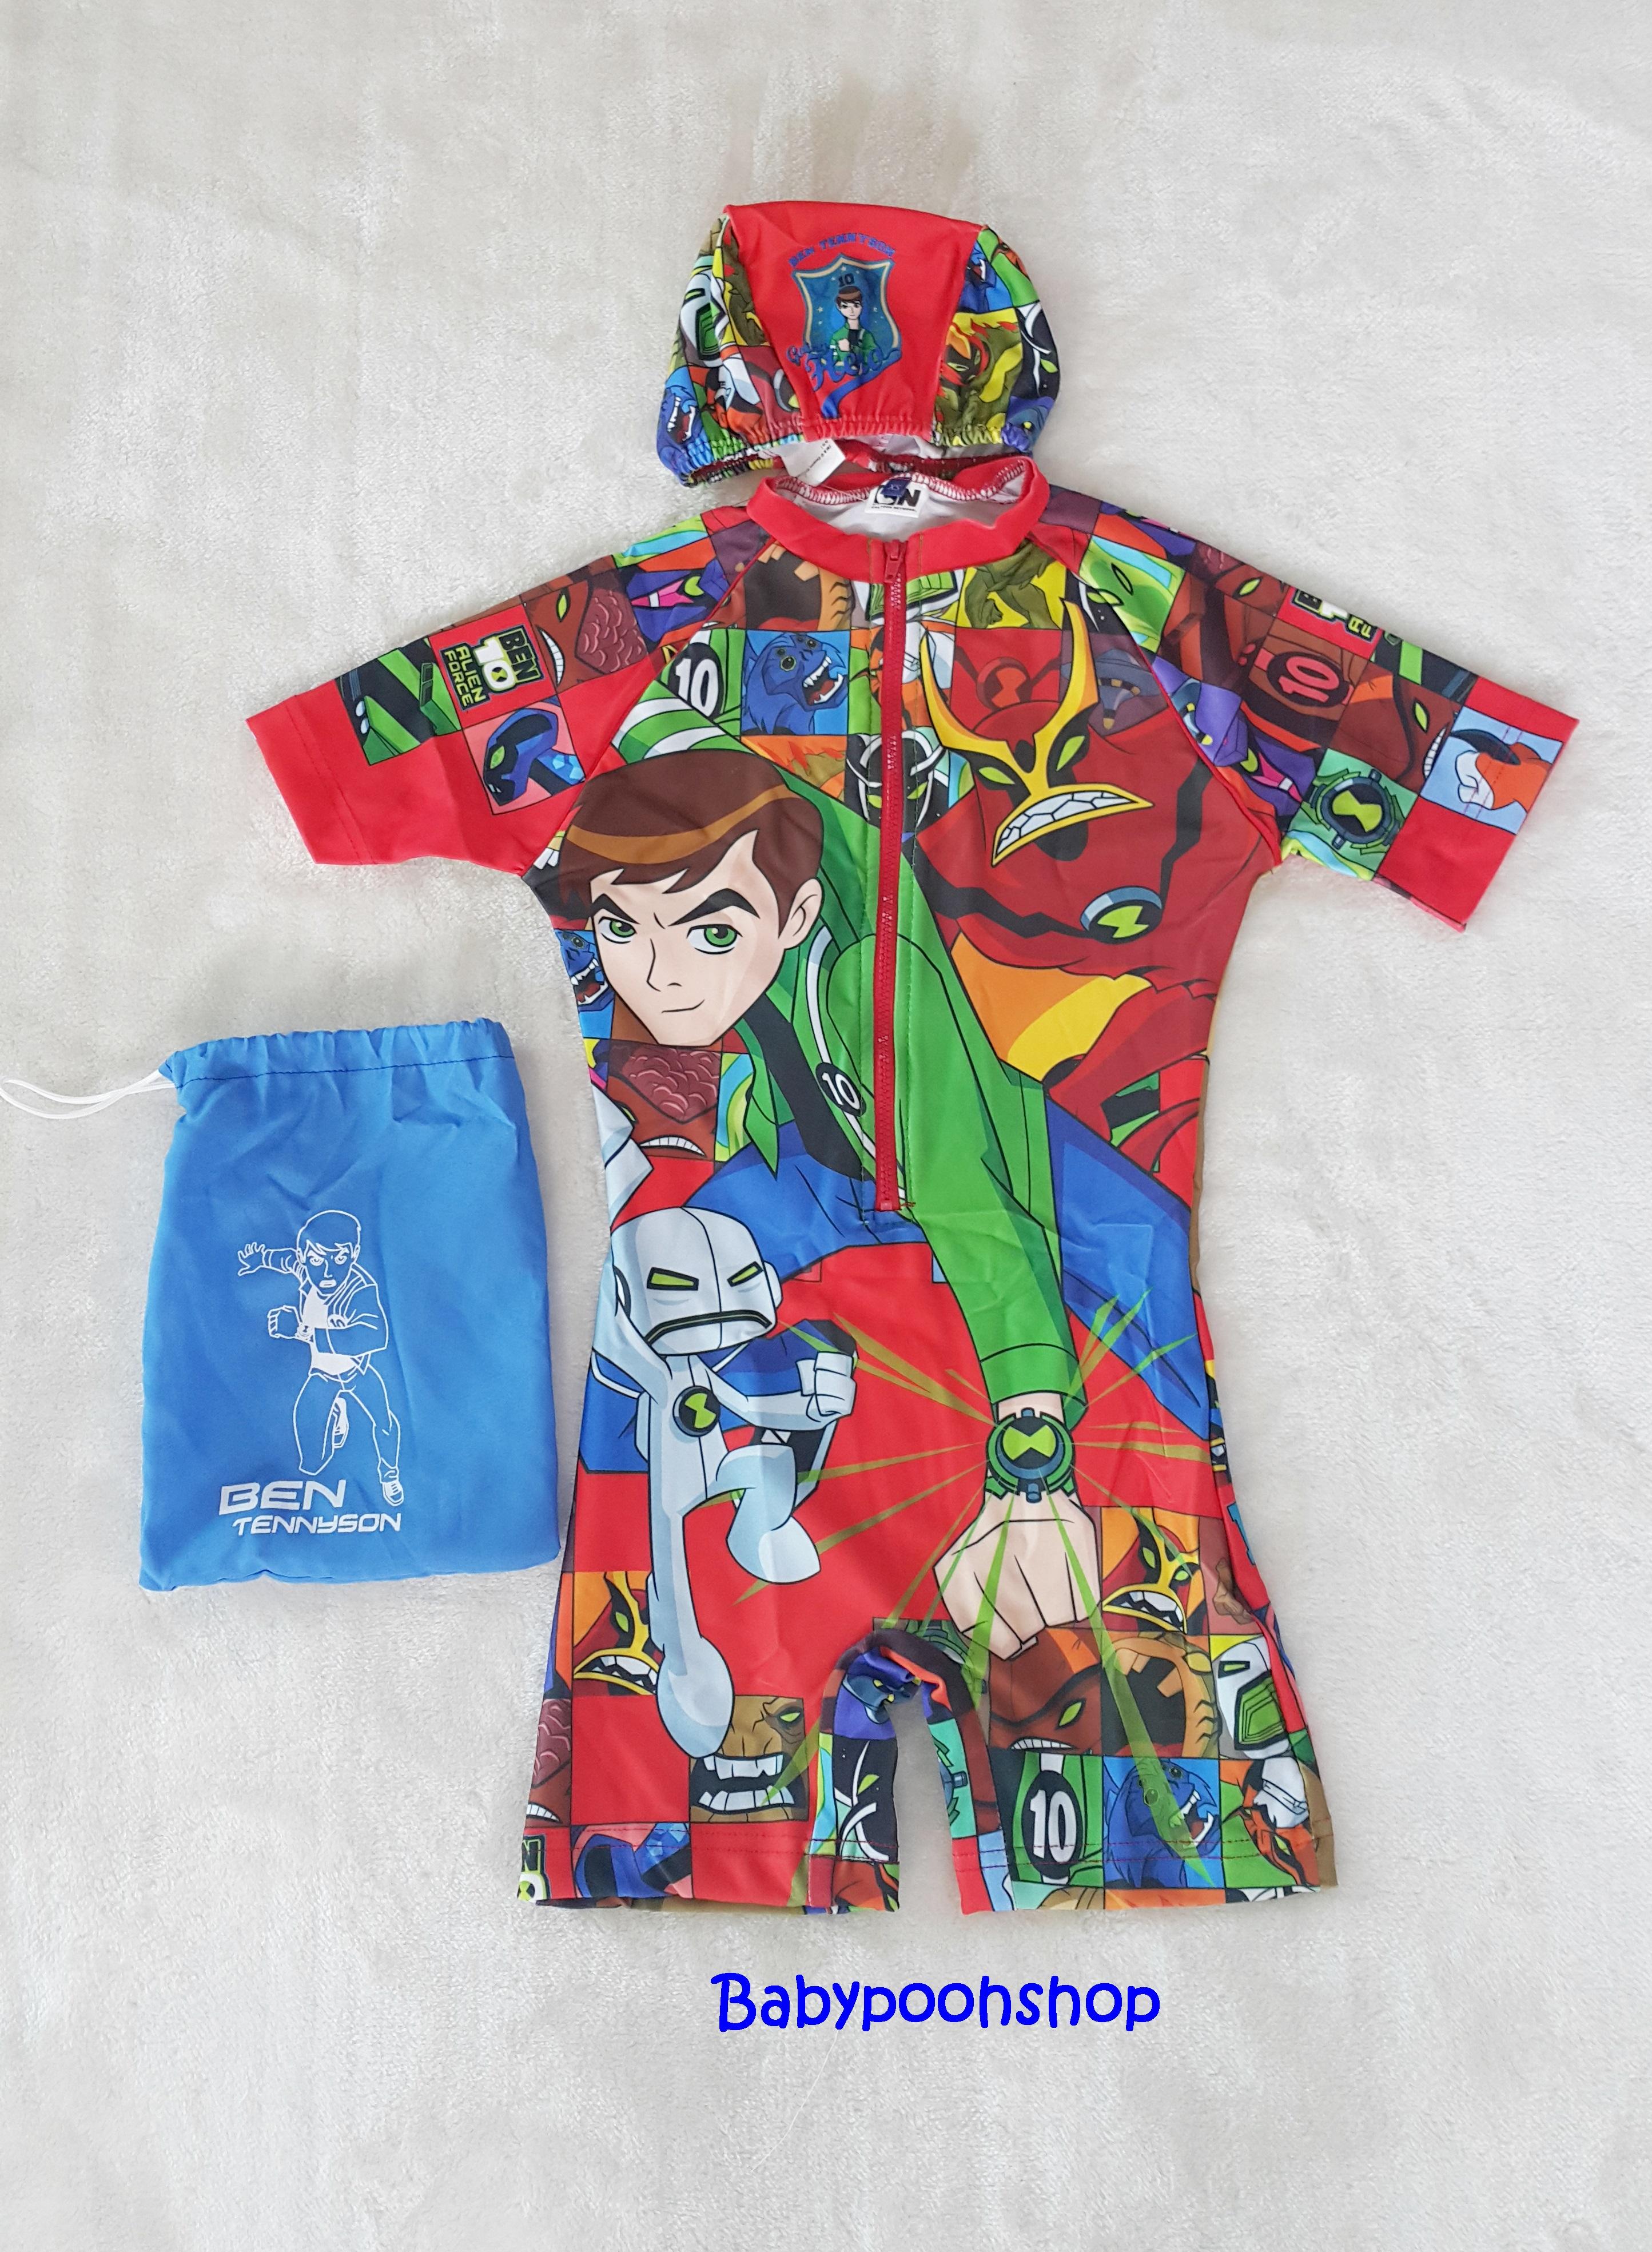 ชุดว่ายน้ำบอดี้สูทลาย Ben 10 สีแดง ซิปหน้า พร้อมหมวกและ ถุงผ้า Size : XS (3-4y)